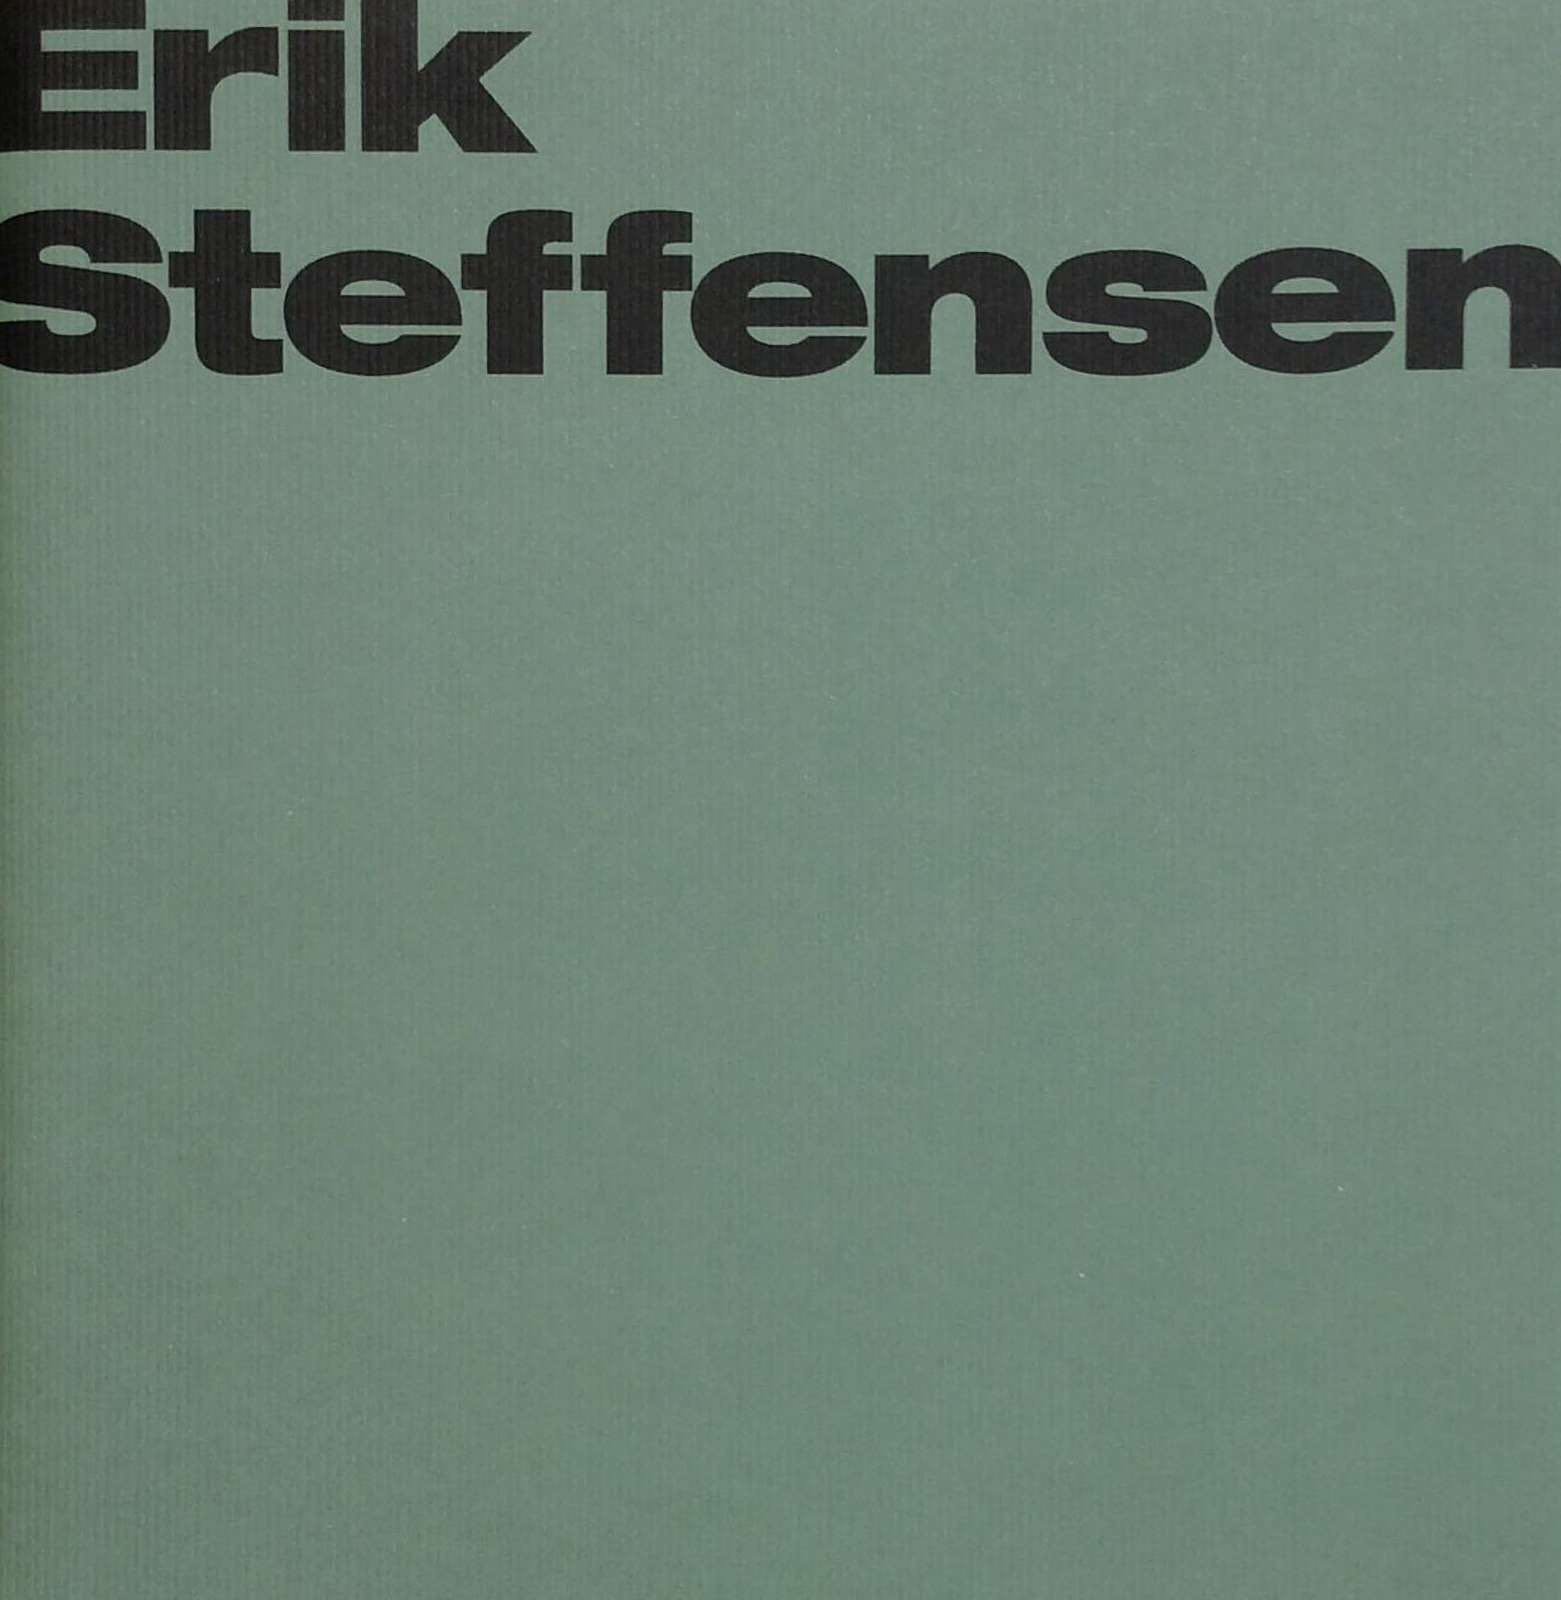 Bjerregaard, Galleri Bo. Erik Steffensen - The Beginner's Mind